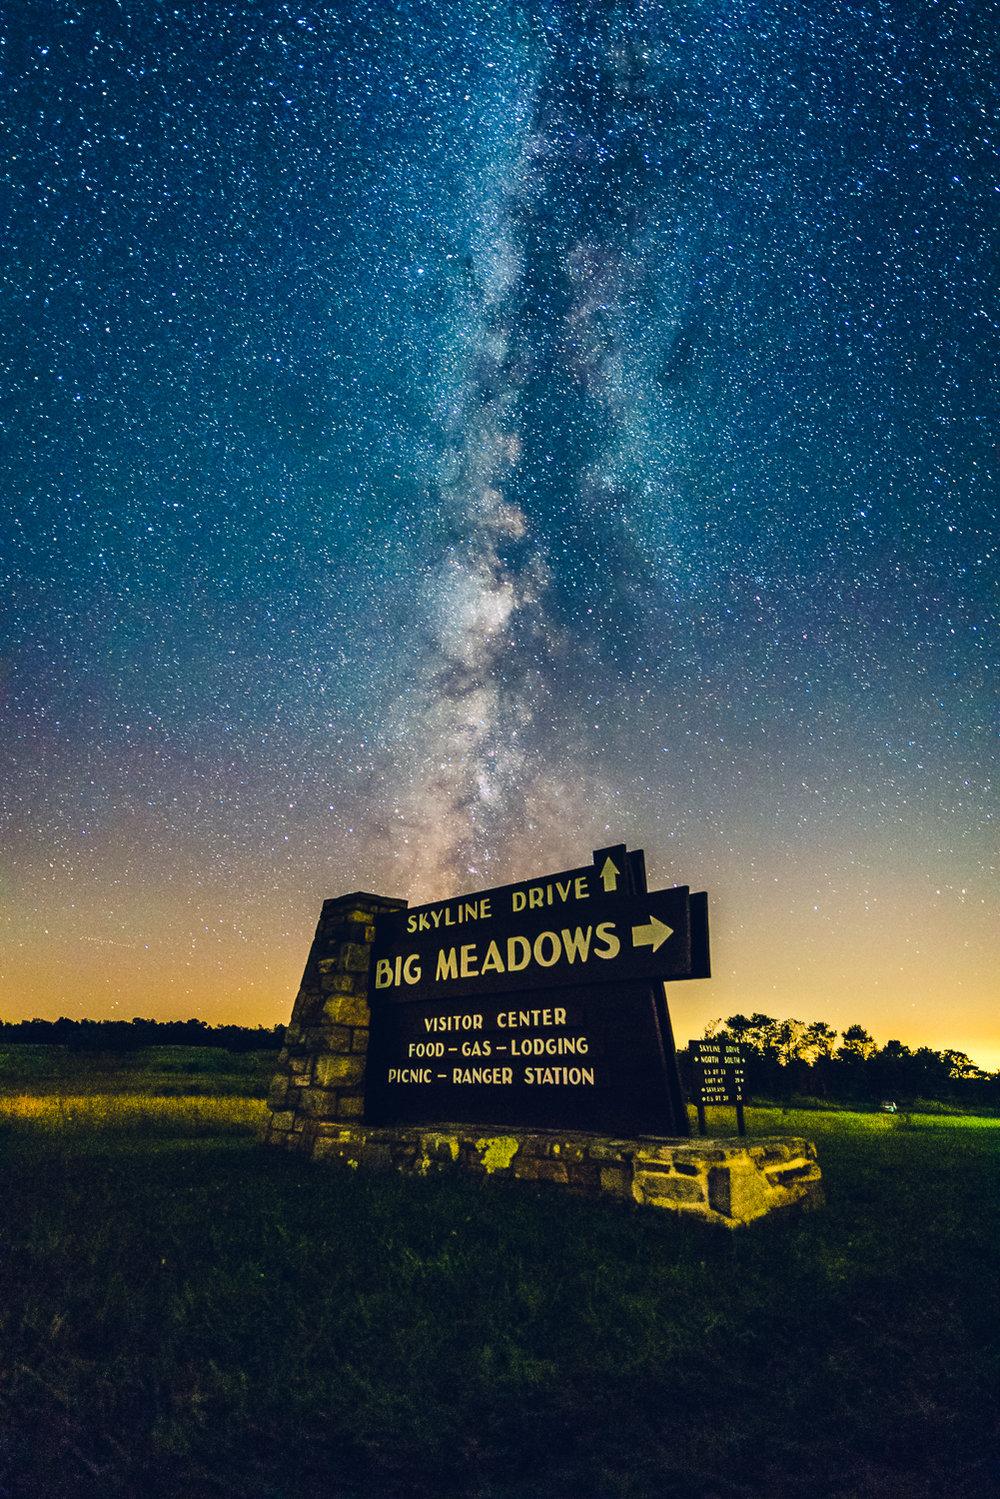 20160826 - Shenandoah National Park LR-9.jpg